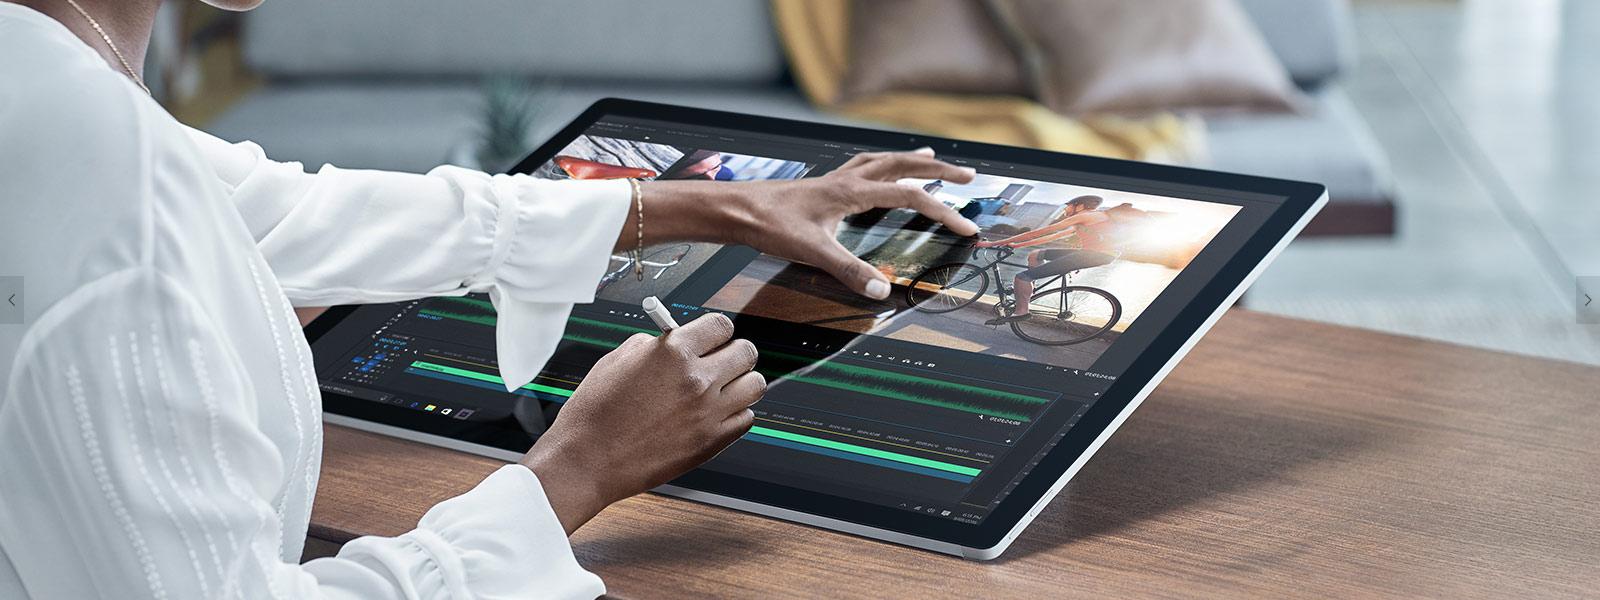 使用 Surface 工作室的女人以手寫筆及觸控功能捏合縮放。